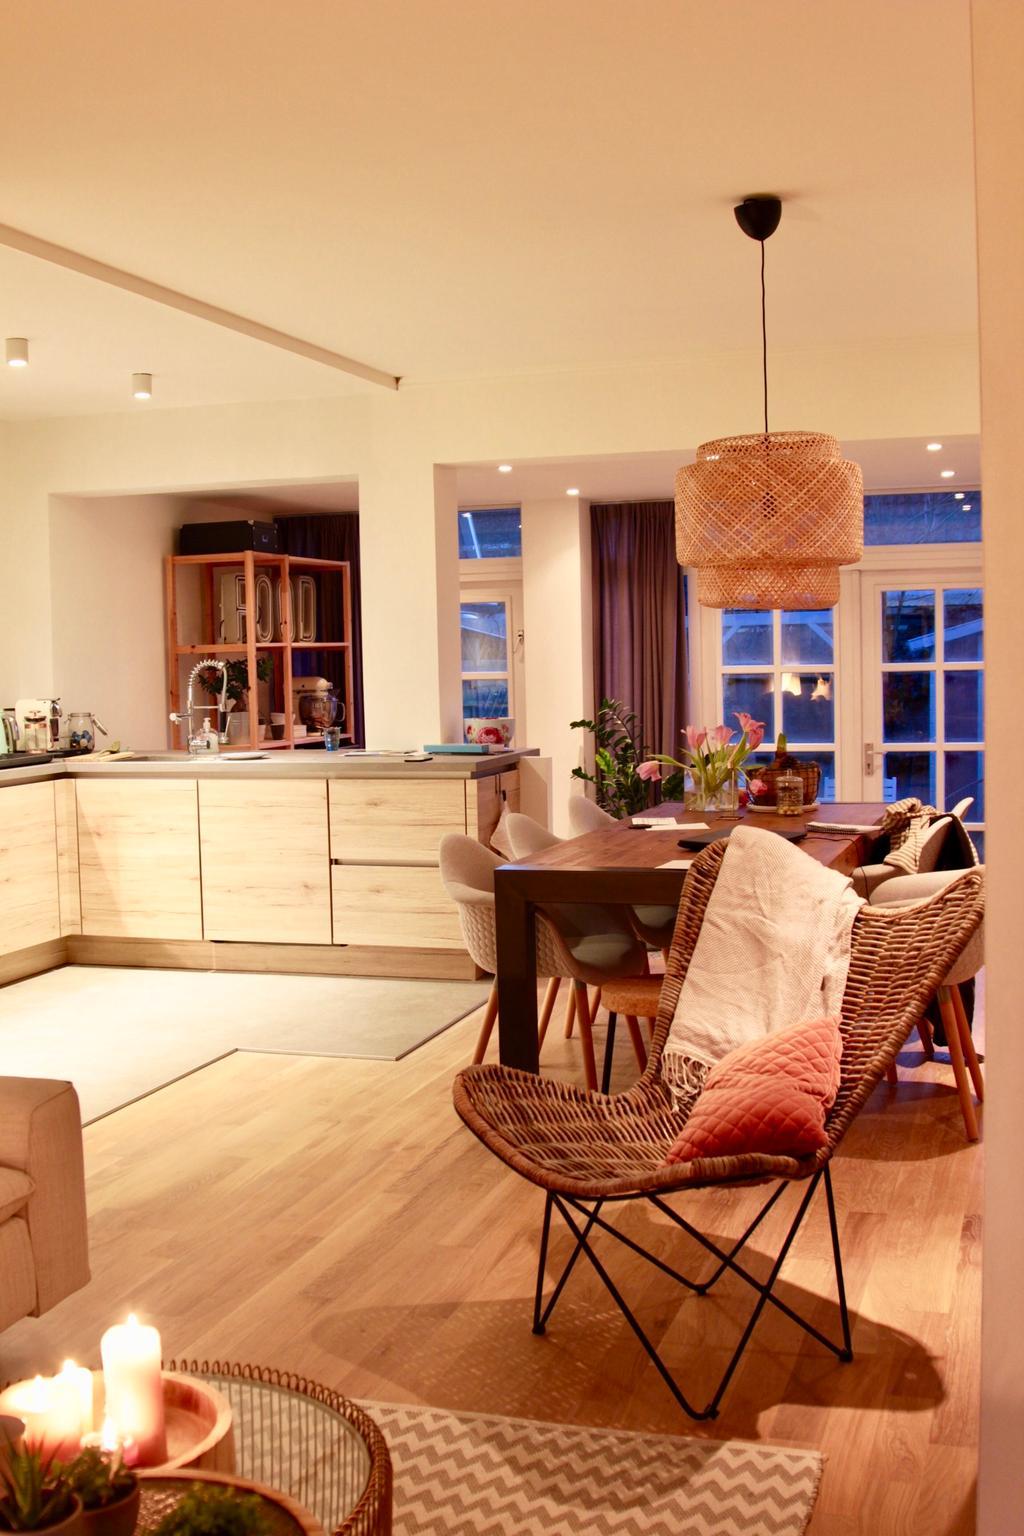 de-keuken-vanuit-de-woonkamer-zoals-je-kunt-zien-is-de-keuken-een-centrale-plek-in-ons-huis